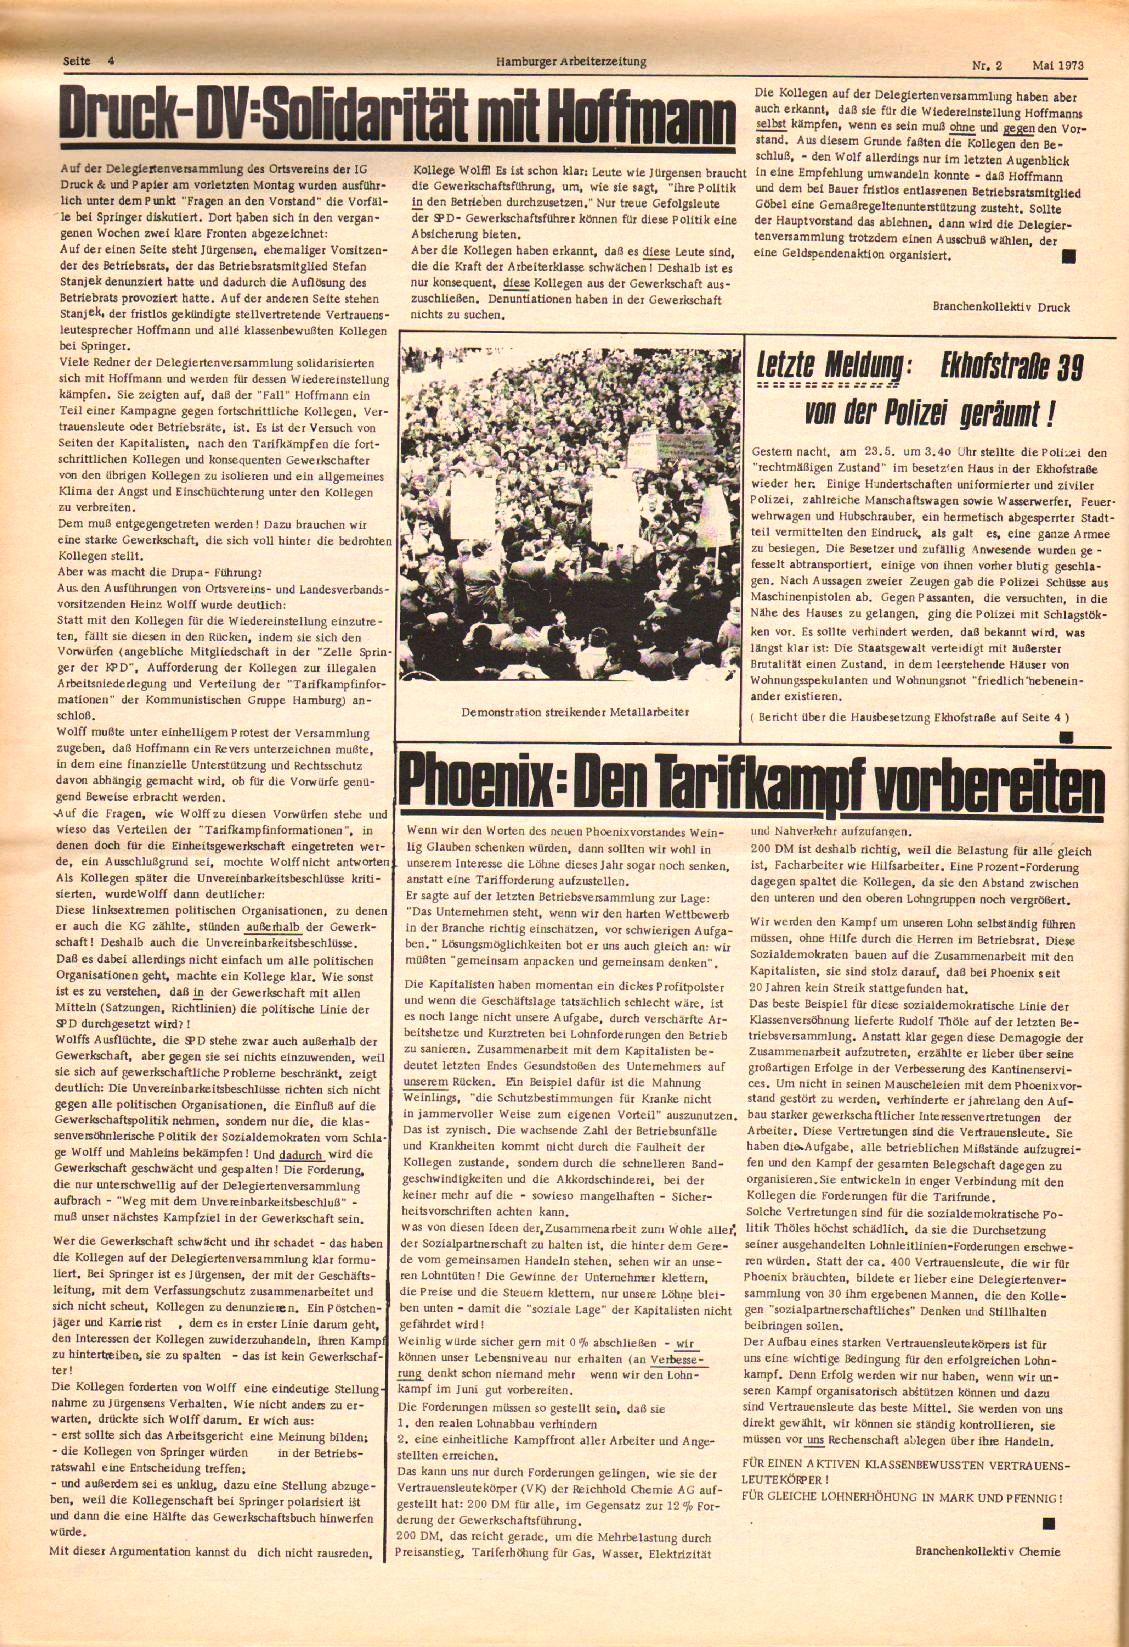 Hamburger_Arbeiterzeitung032